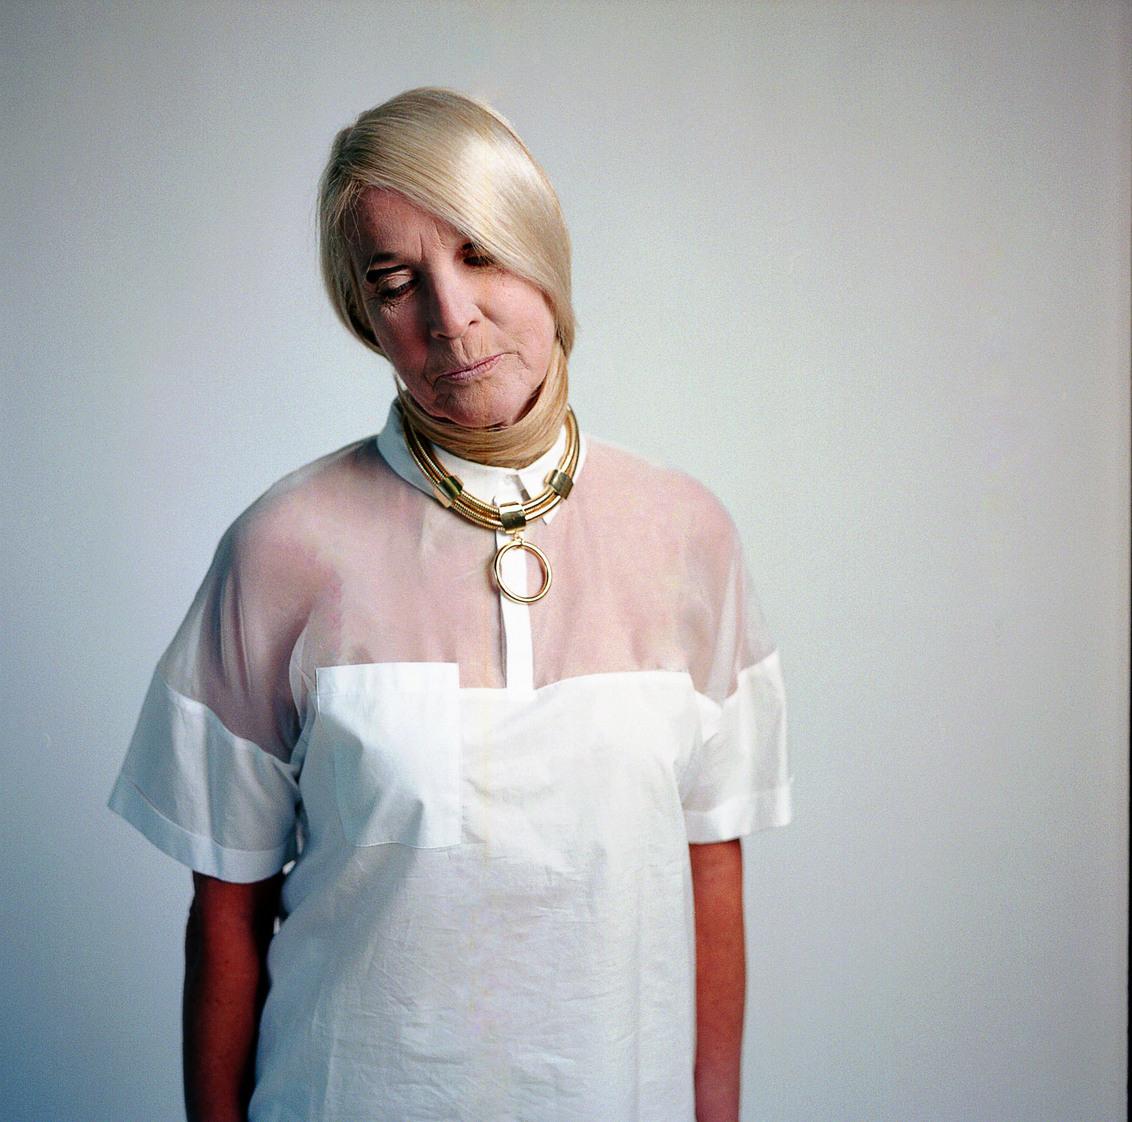 Anne - Mamiya C330 Kodak Portra 160NC - foto door crown91 op 04-06-2014 - deze foto bevat: vrouw, mensen, licht, flits, fashion, emotie, highkey, studio, blond, mode, visagie, strobist